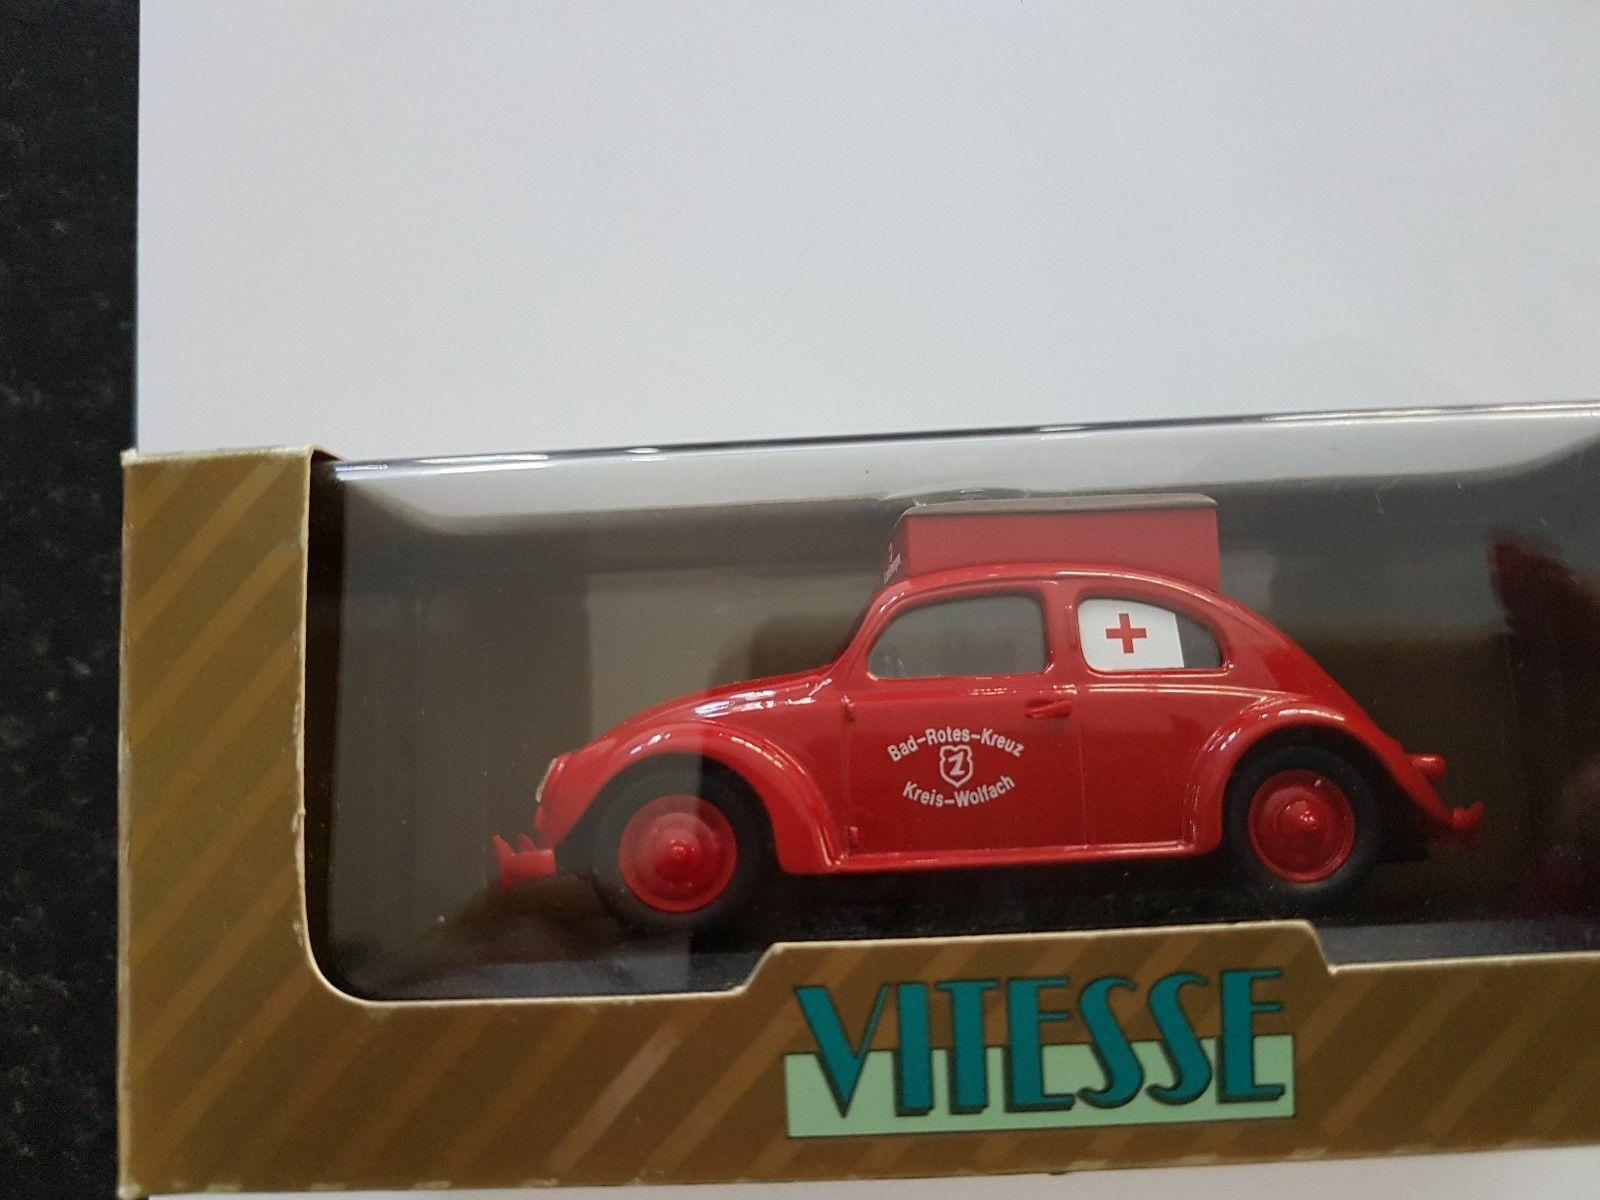 RARE VITESSE VW Beetle Ambulance de la Croix-Rouge 1 43 Ltd Edt Comme neuf IN BOX LTD EDT